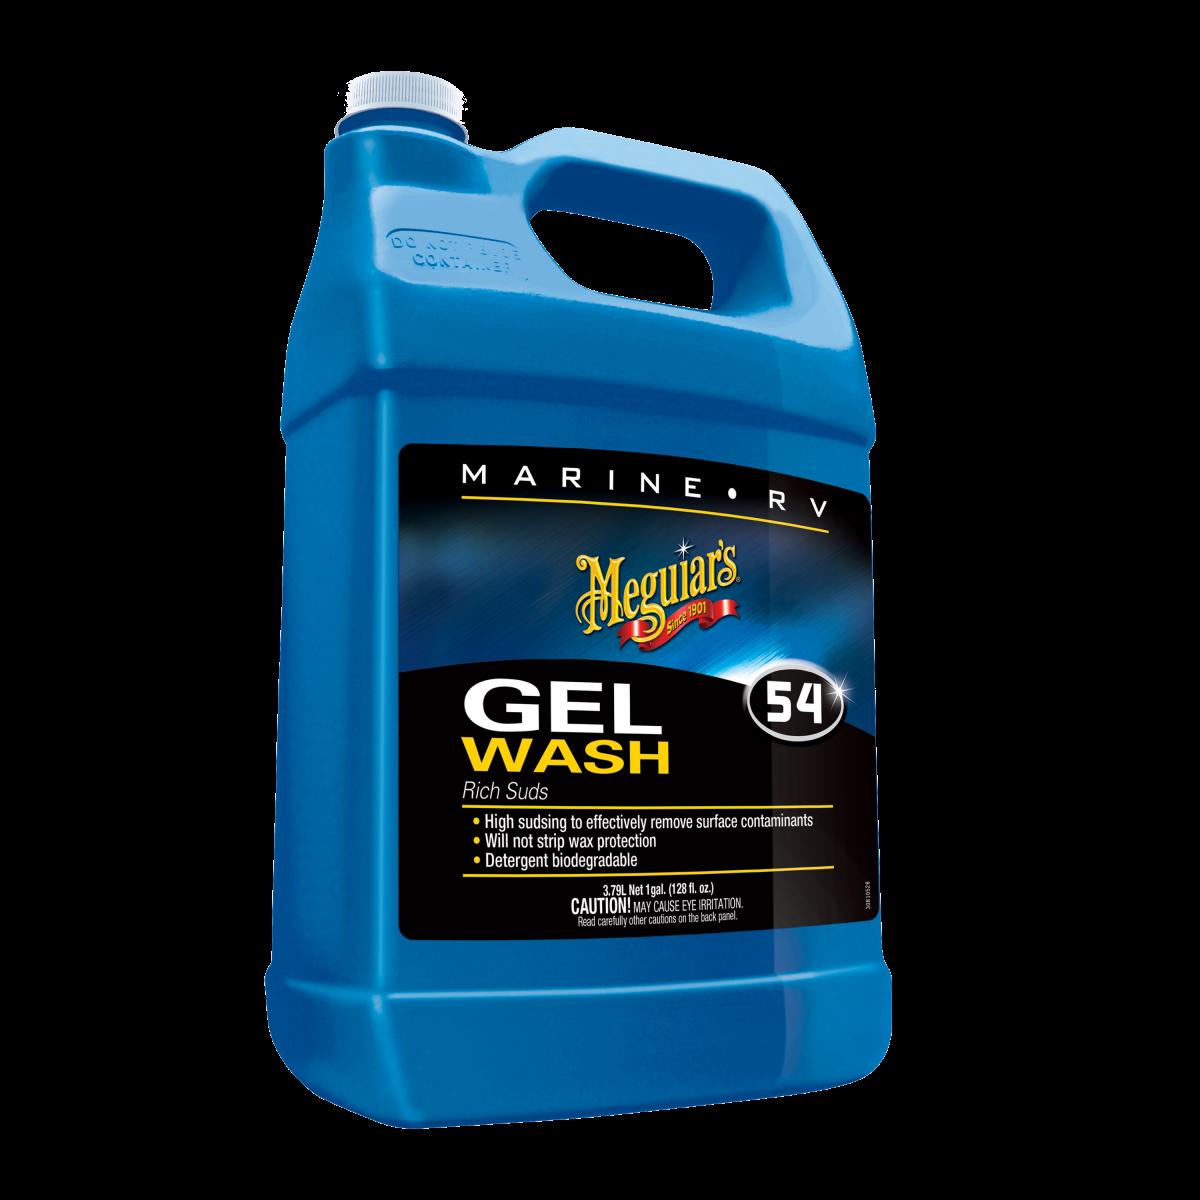 Meguiar's Marine/RV Gel Wash